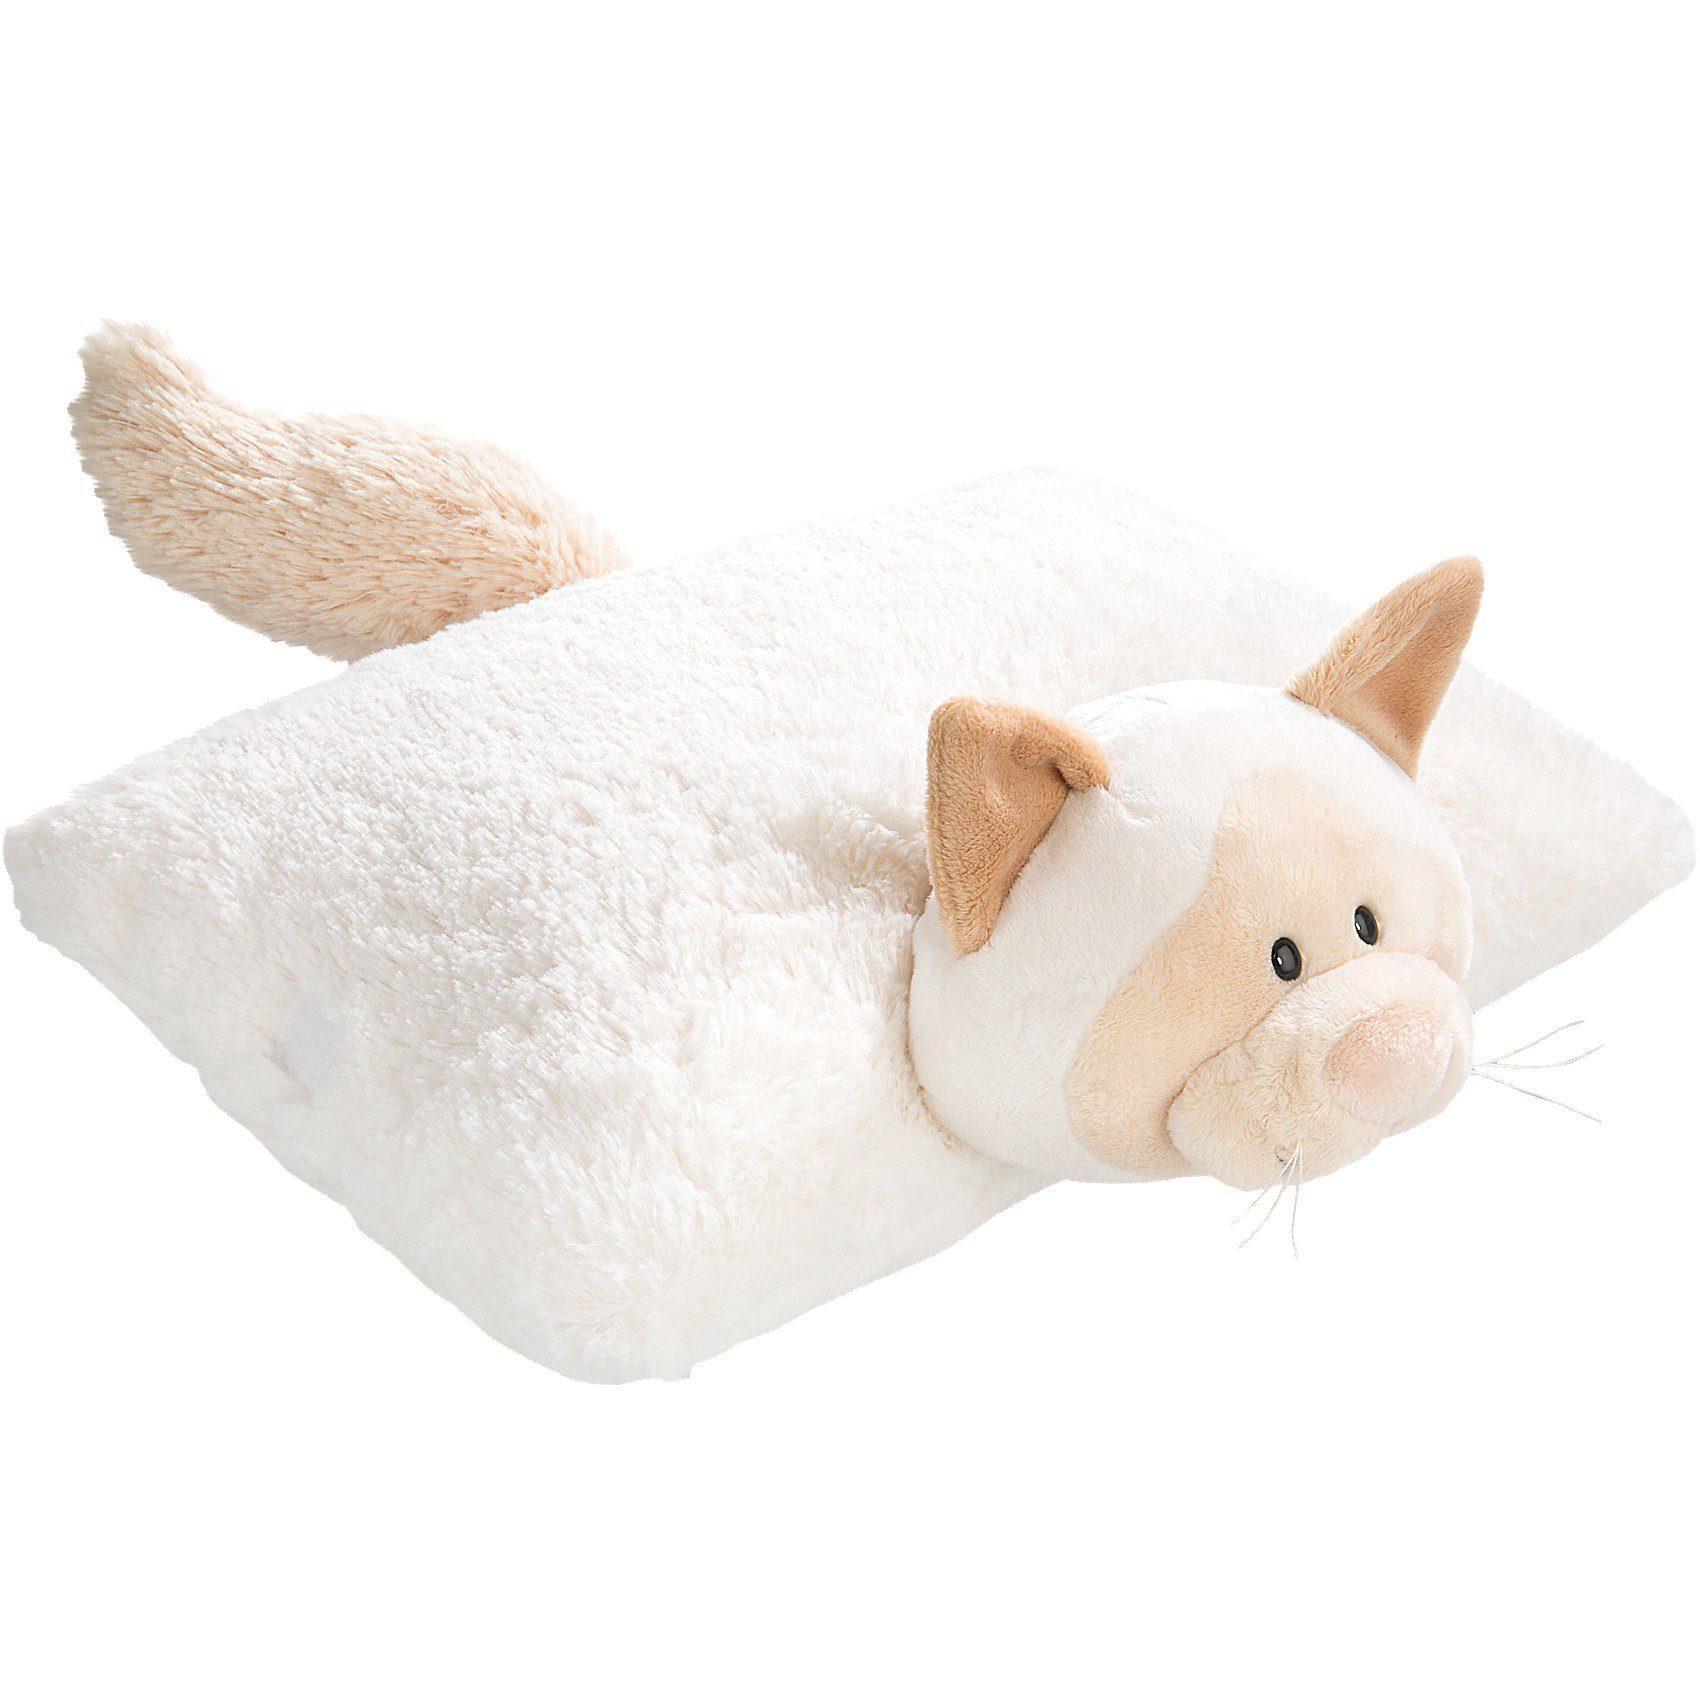 Kuscheltier Kissen Schneekatze Mädchen, 40 x 30 cm